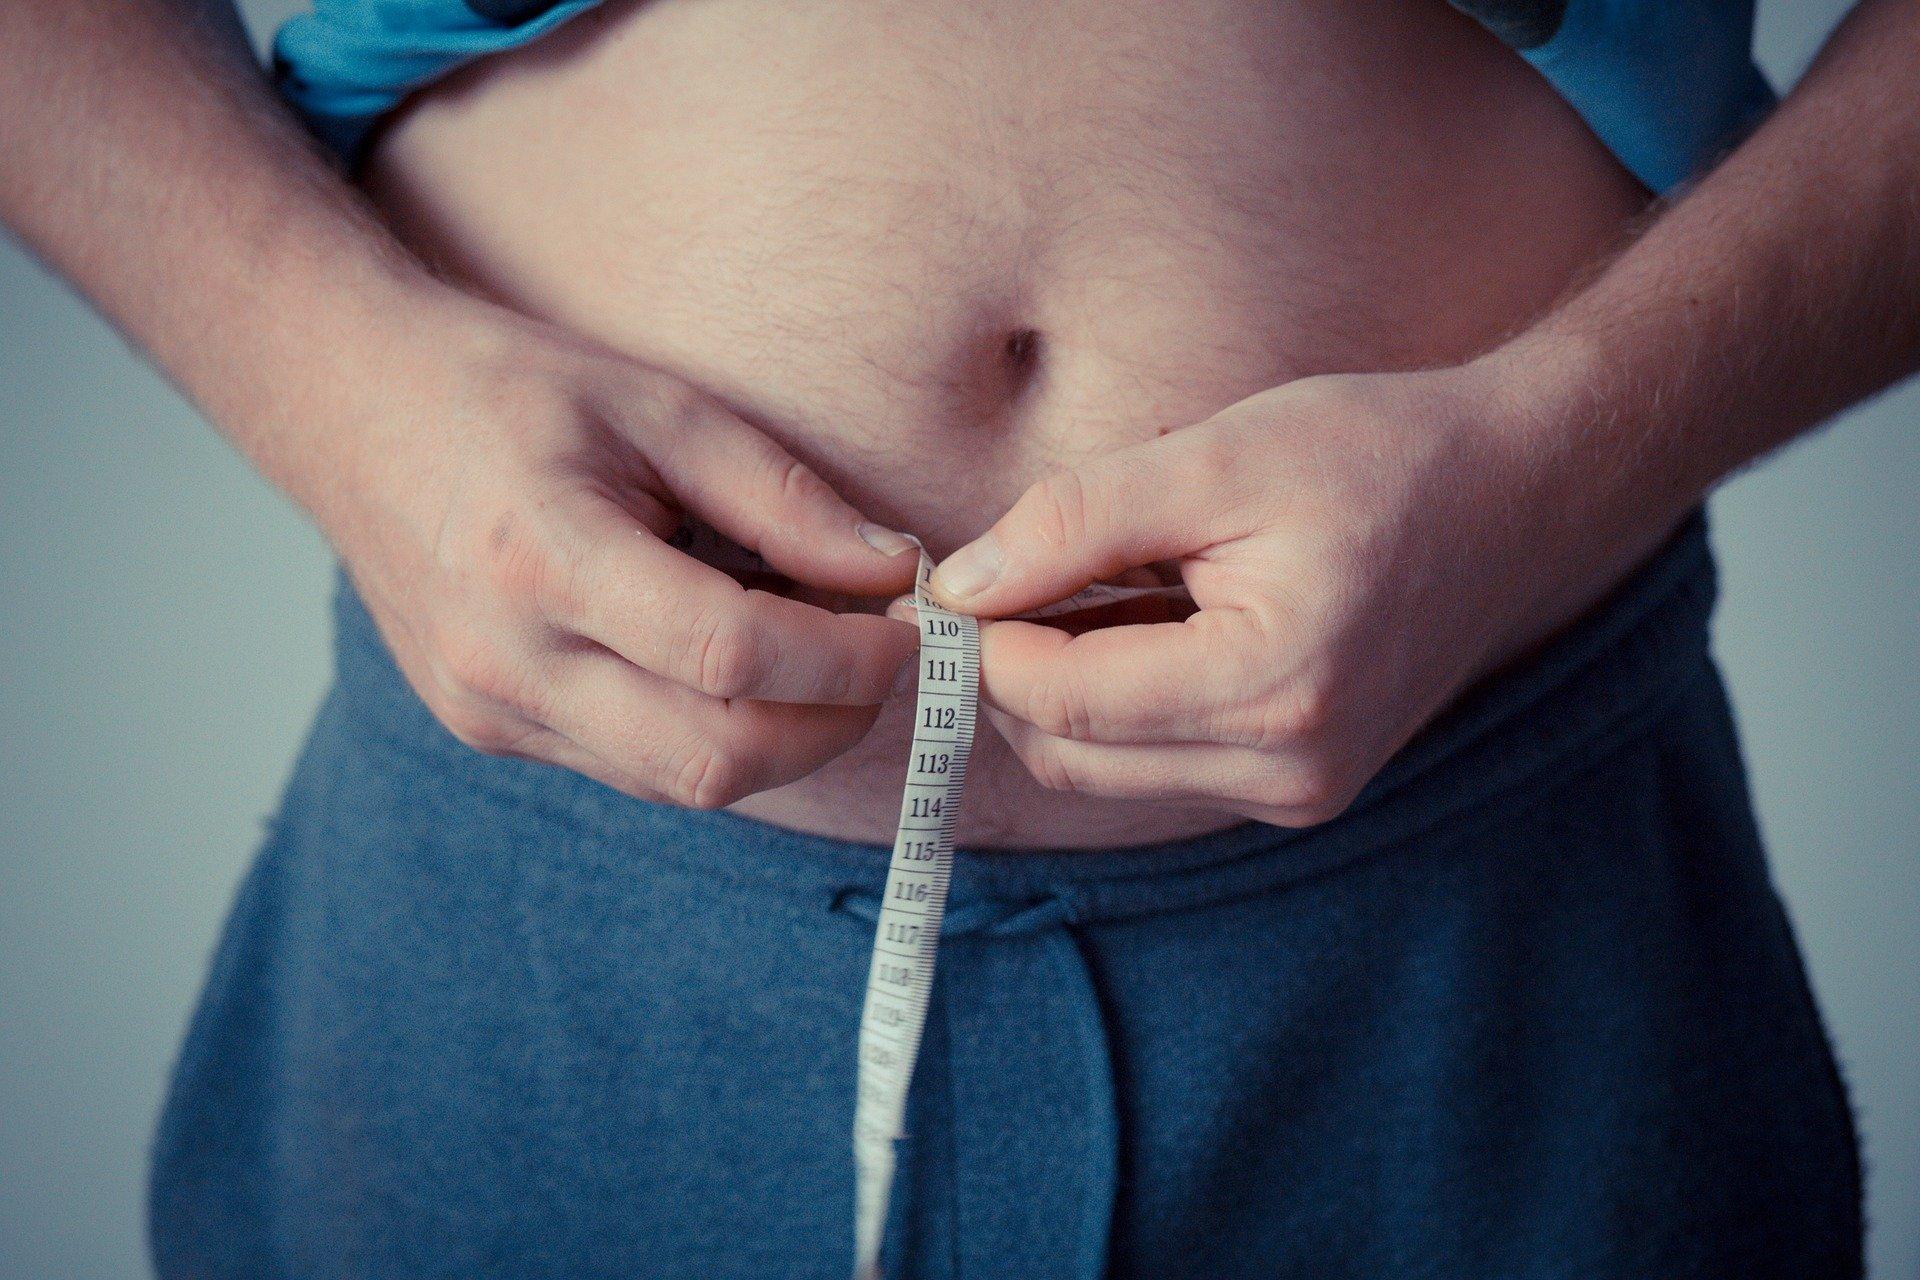 Saiba como evitar o excesso de peso, que atinge mais de metade dos brasileiros